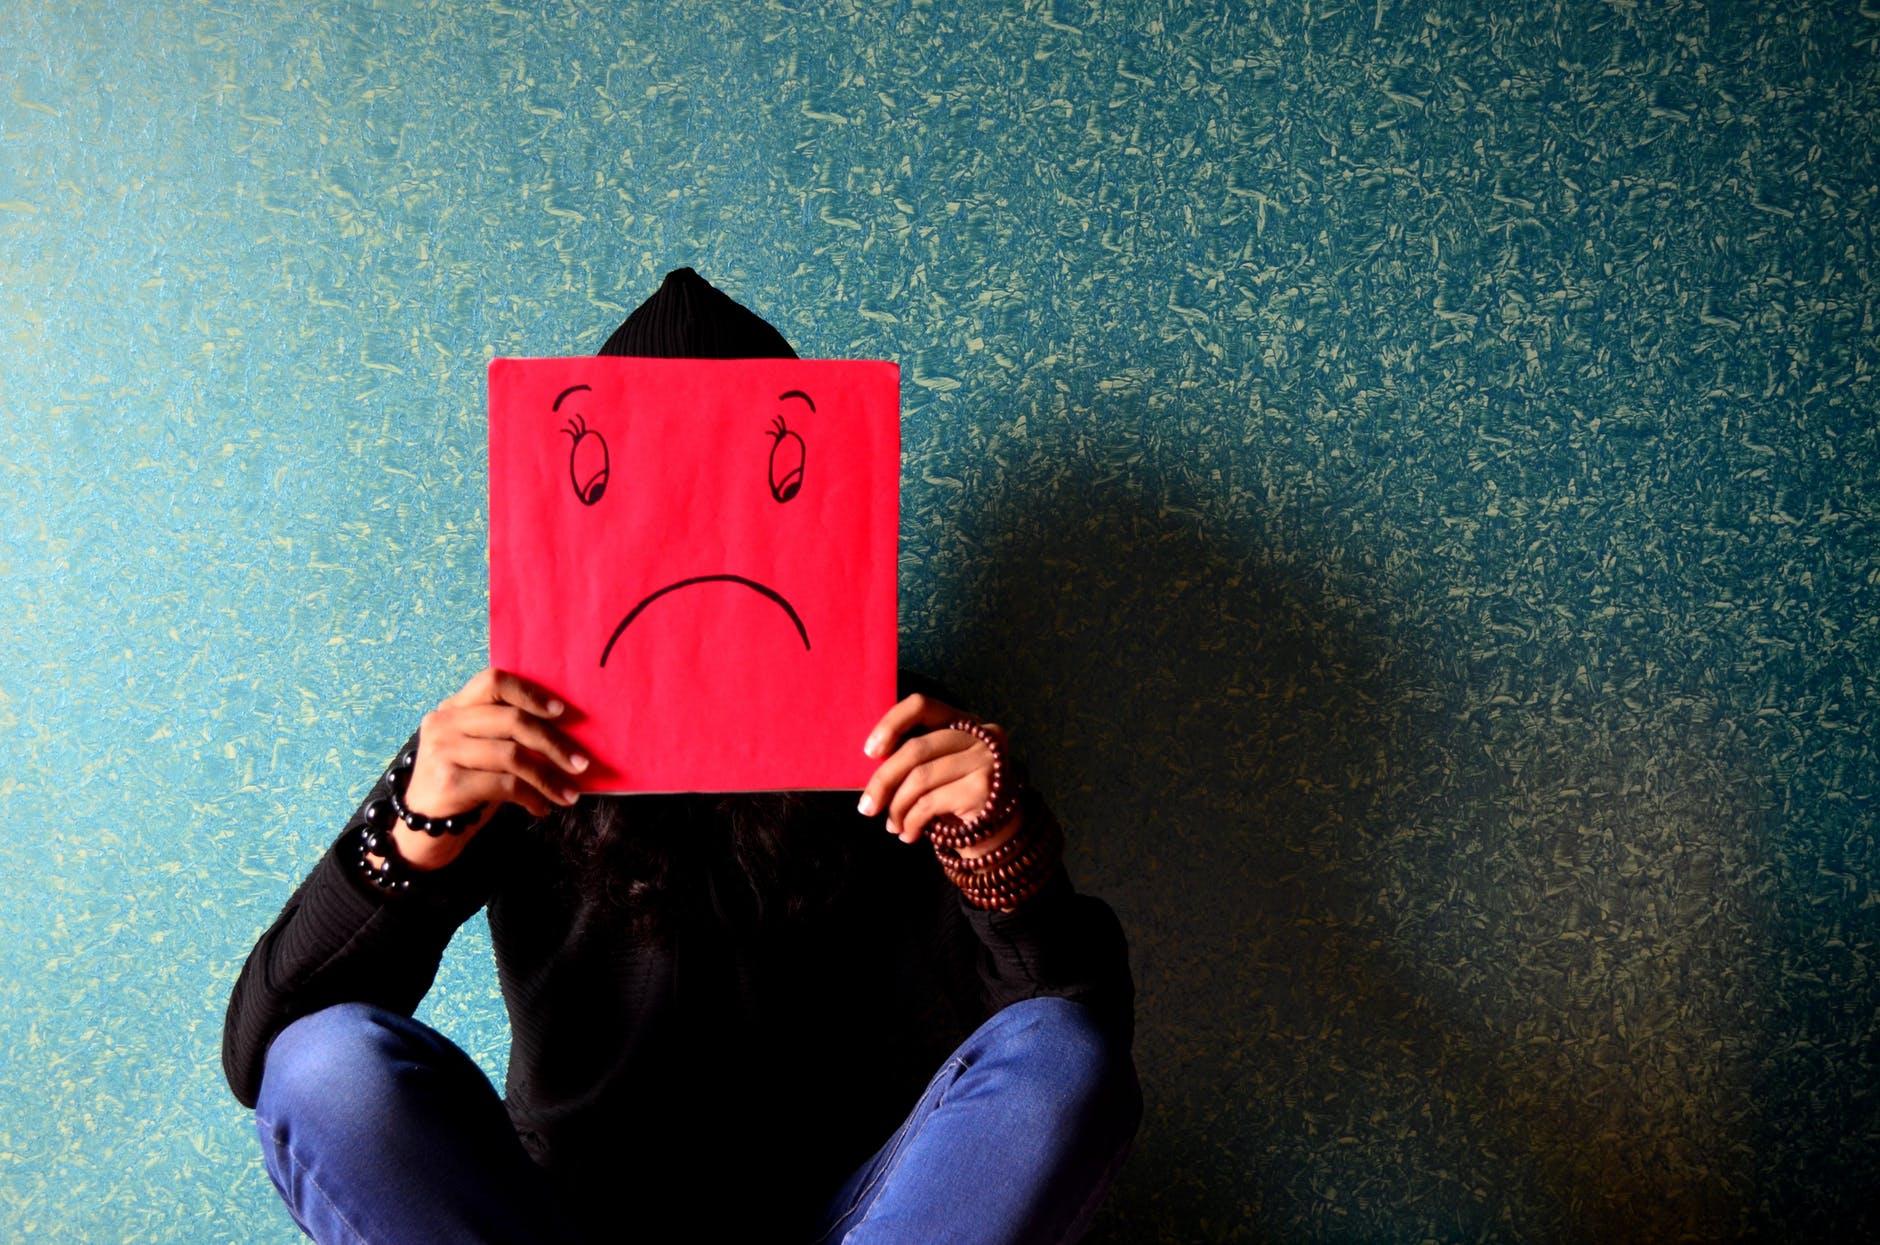 إذا كان ابنك يعاني من هذه الأعراض فانتبهي! انه اكتئاب المراهقة